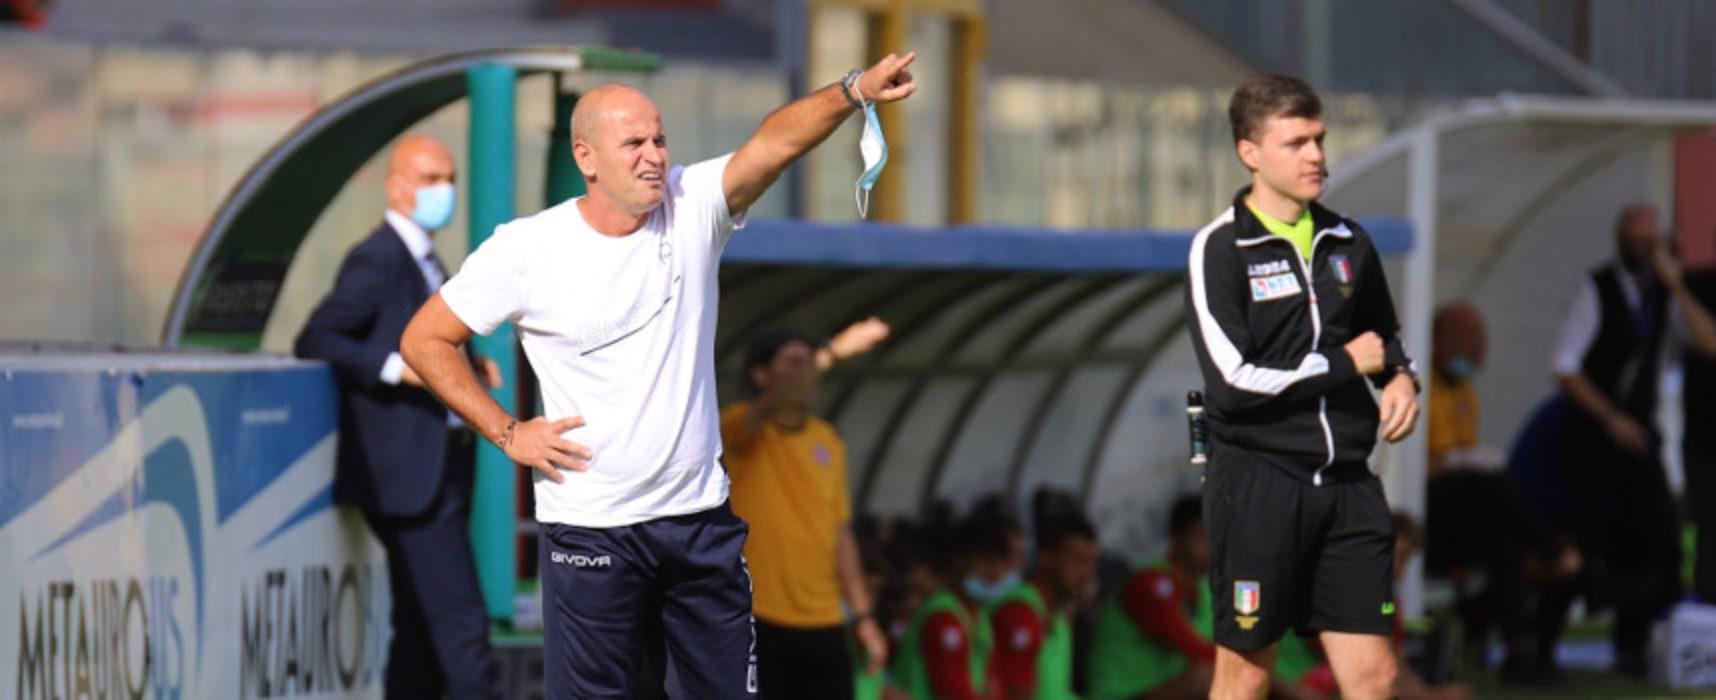 Bisceglie Calcio, pesante squalifica al tecnico Bucaro